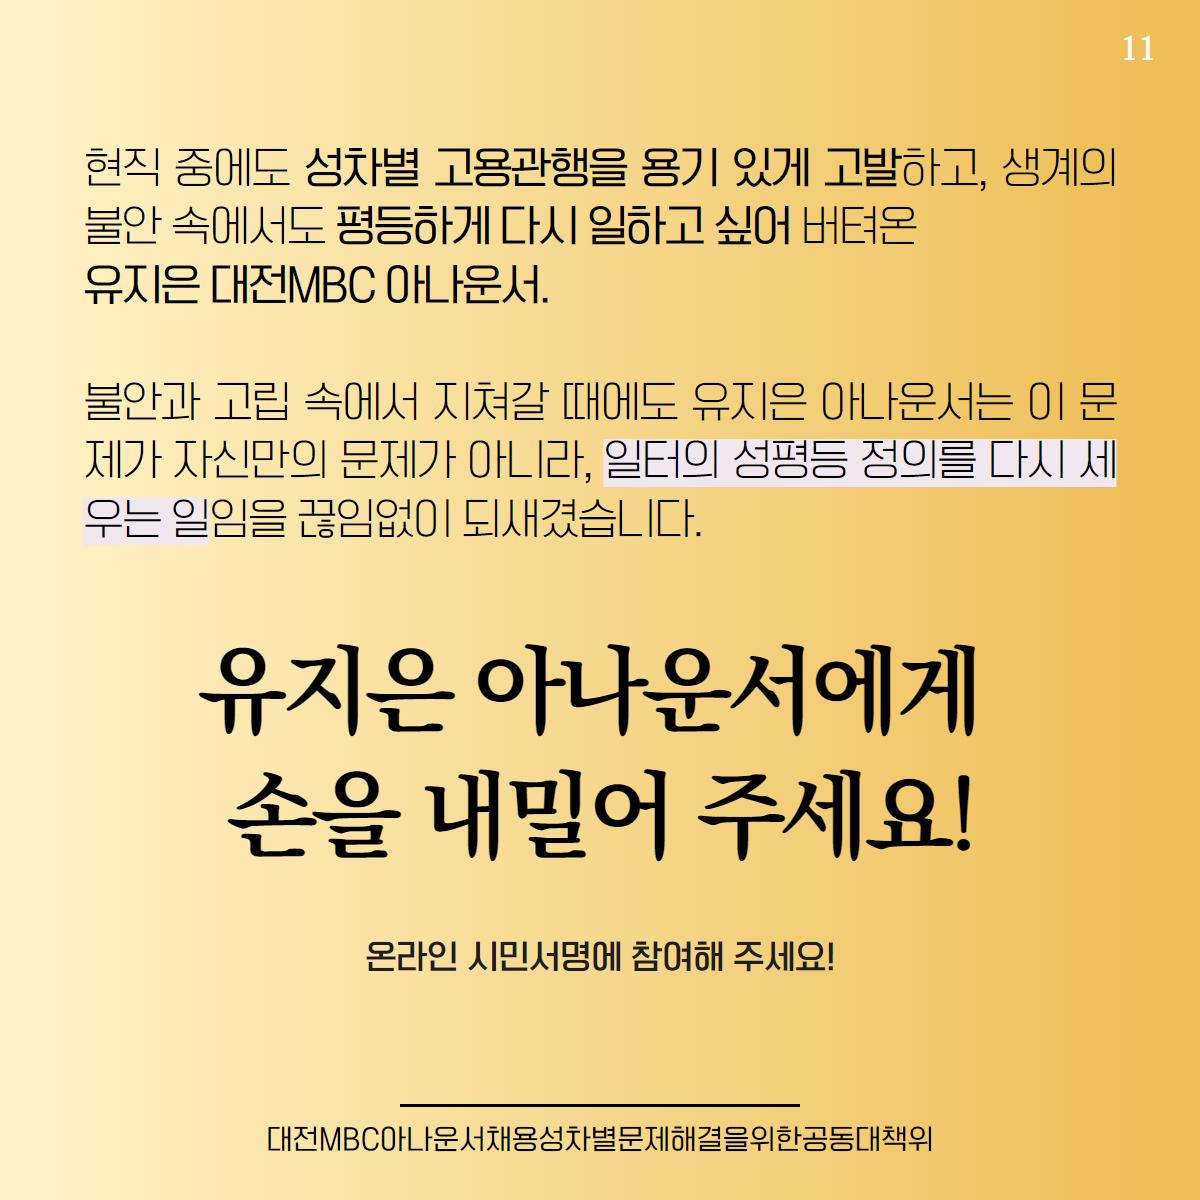 대전MBC_인권위결정2-11.png